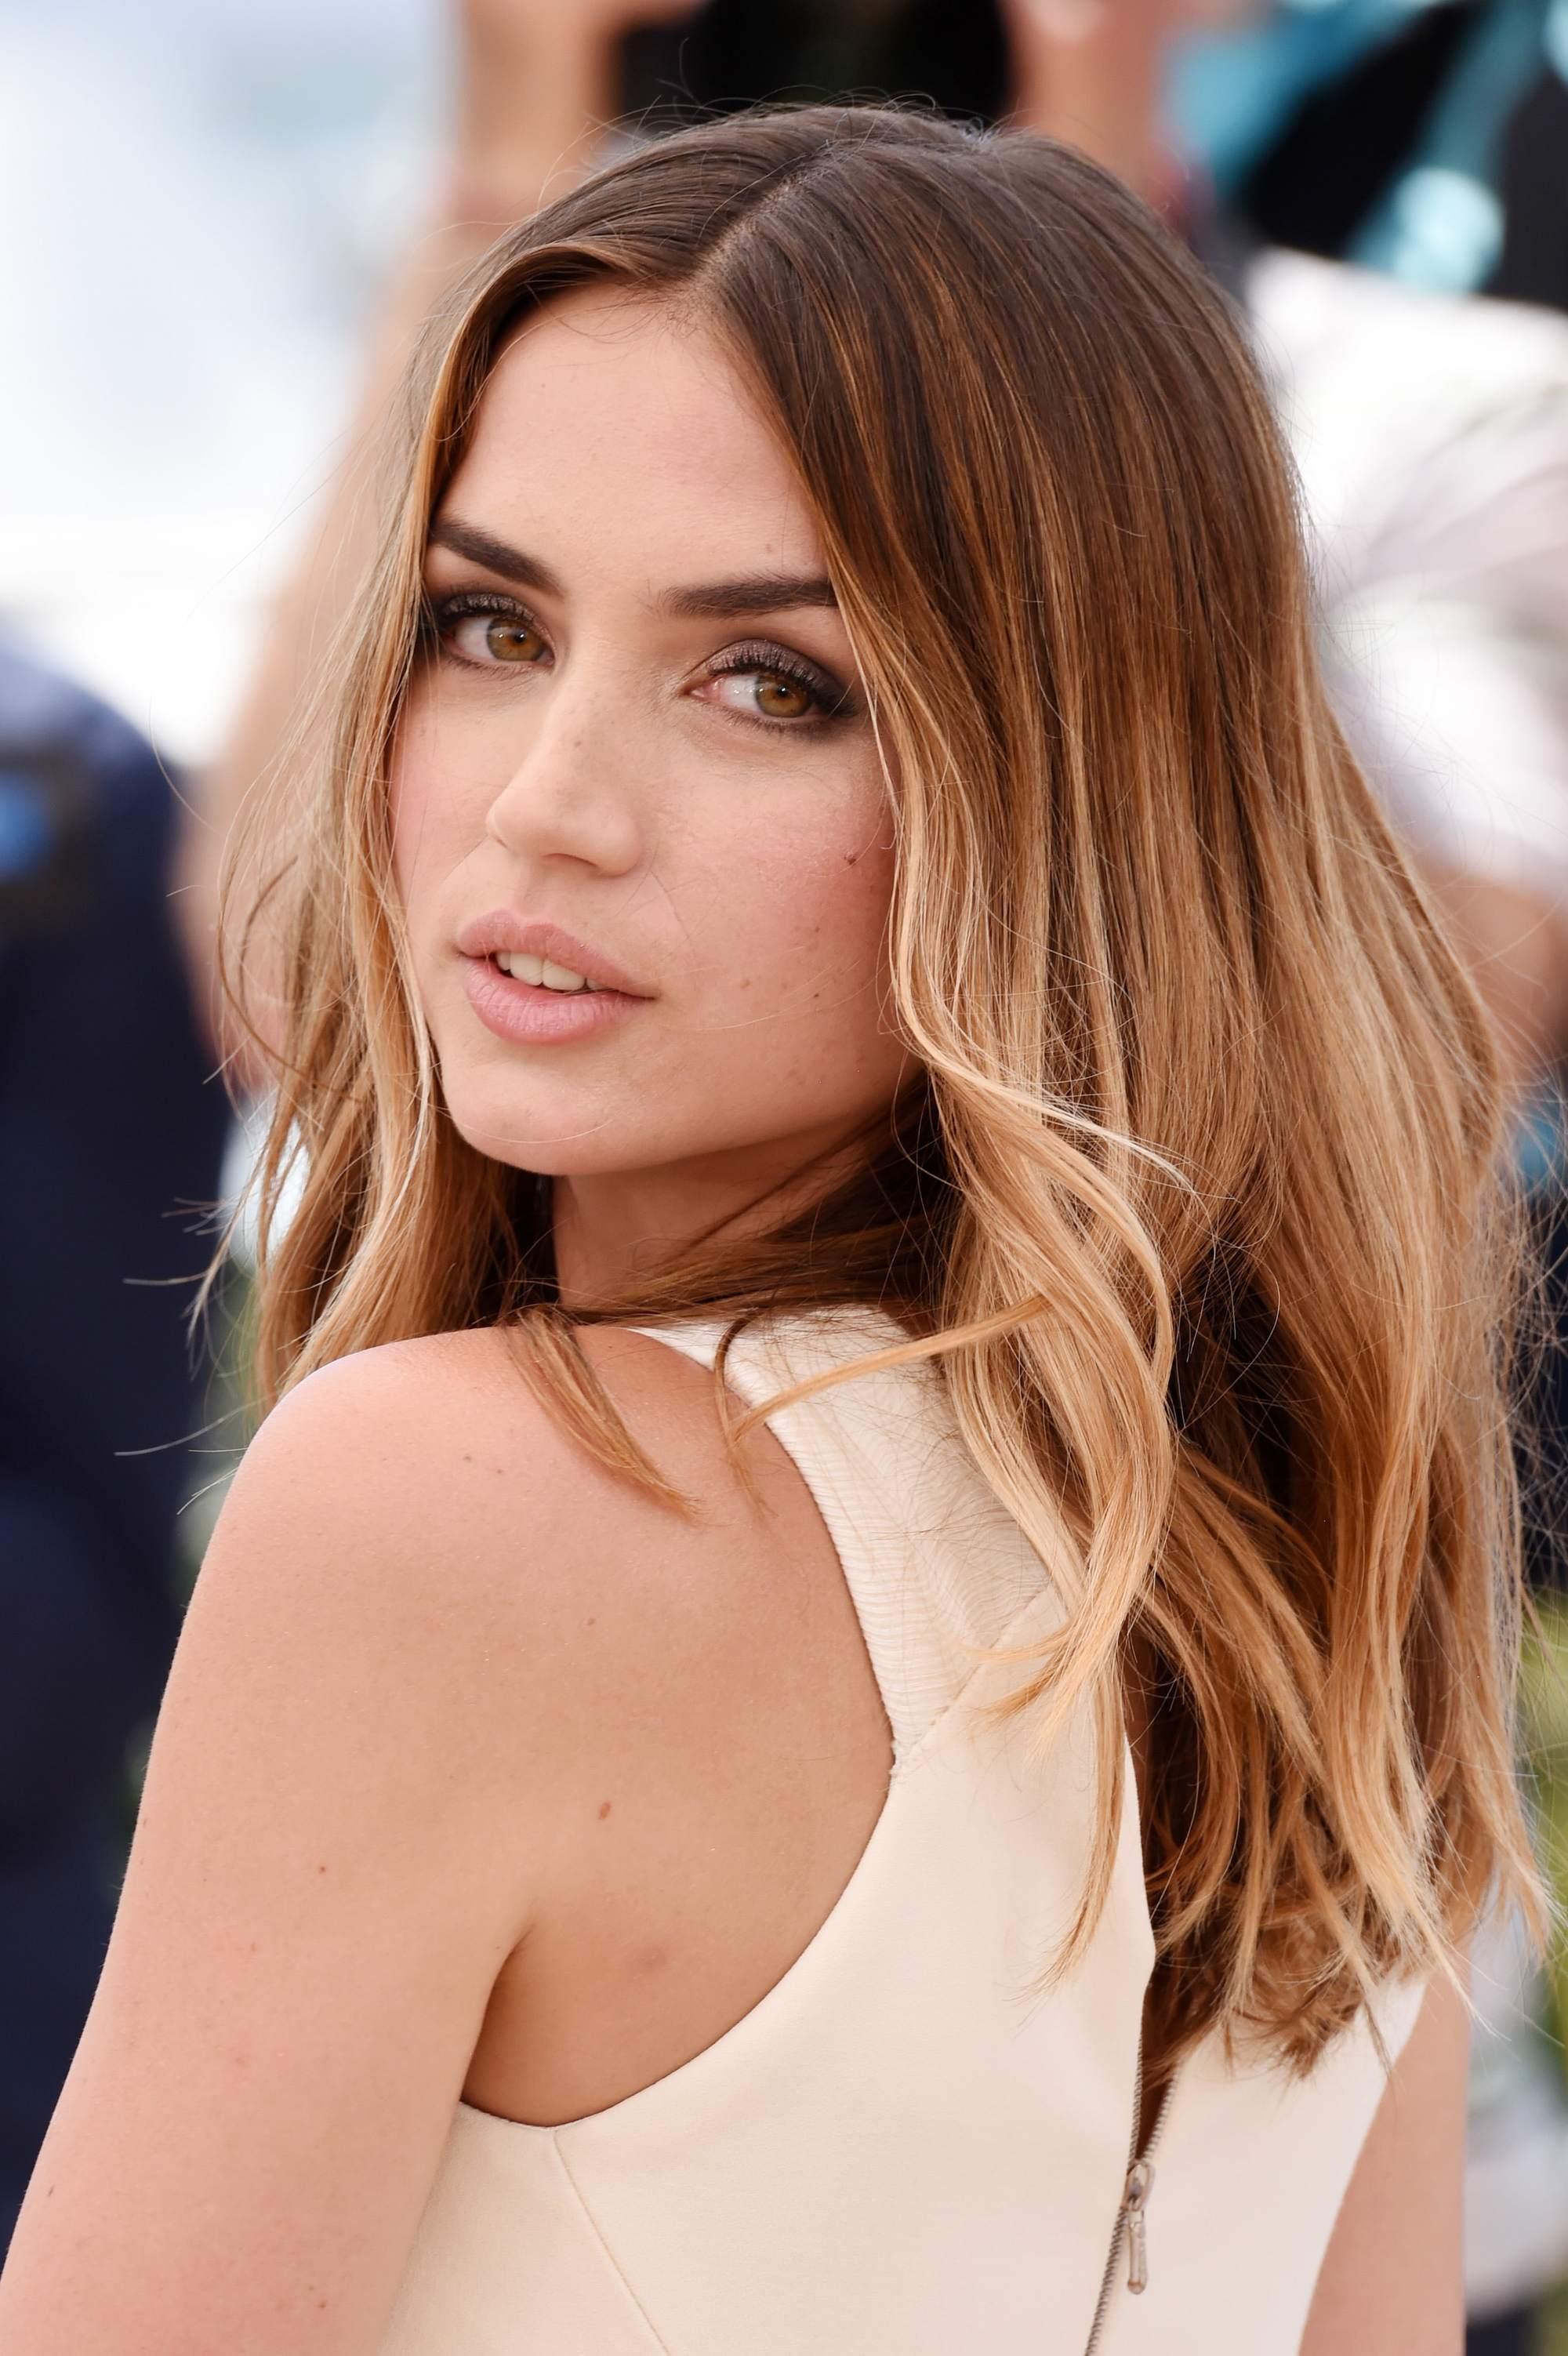 L'actrice cubaine ana de armas avec des cheveux bruns clairs en ombre.